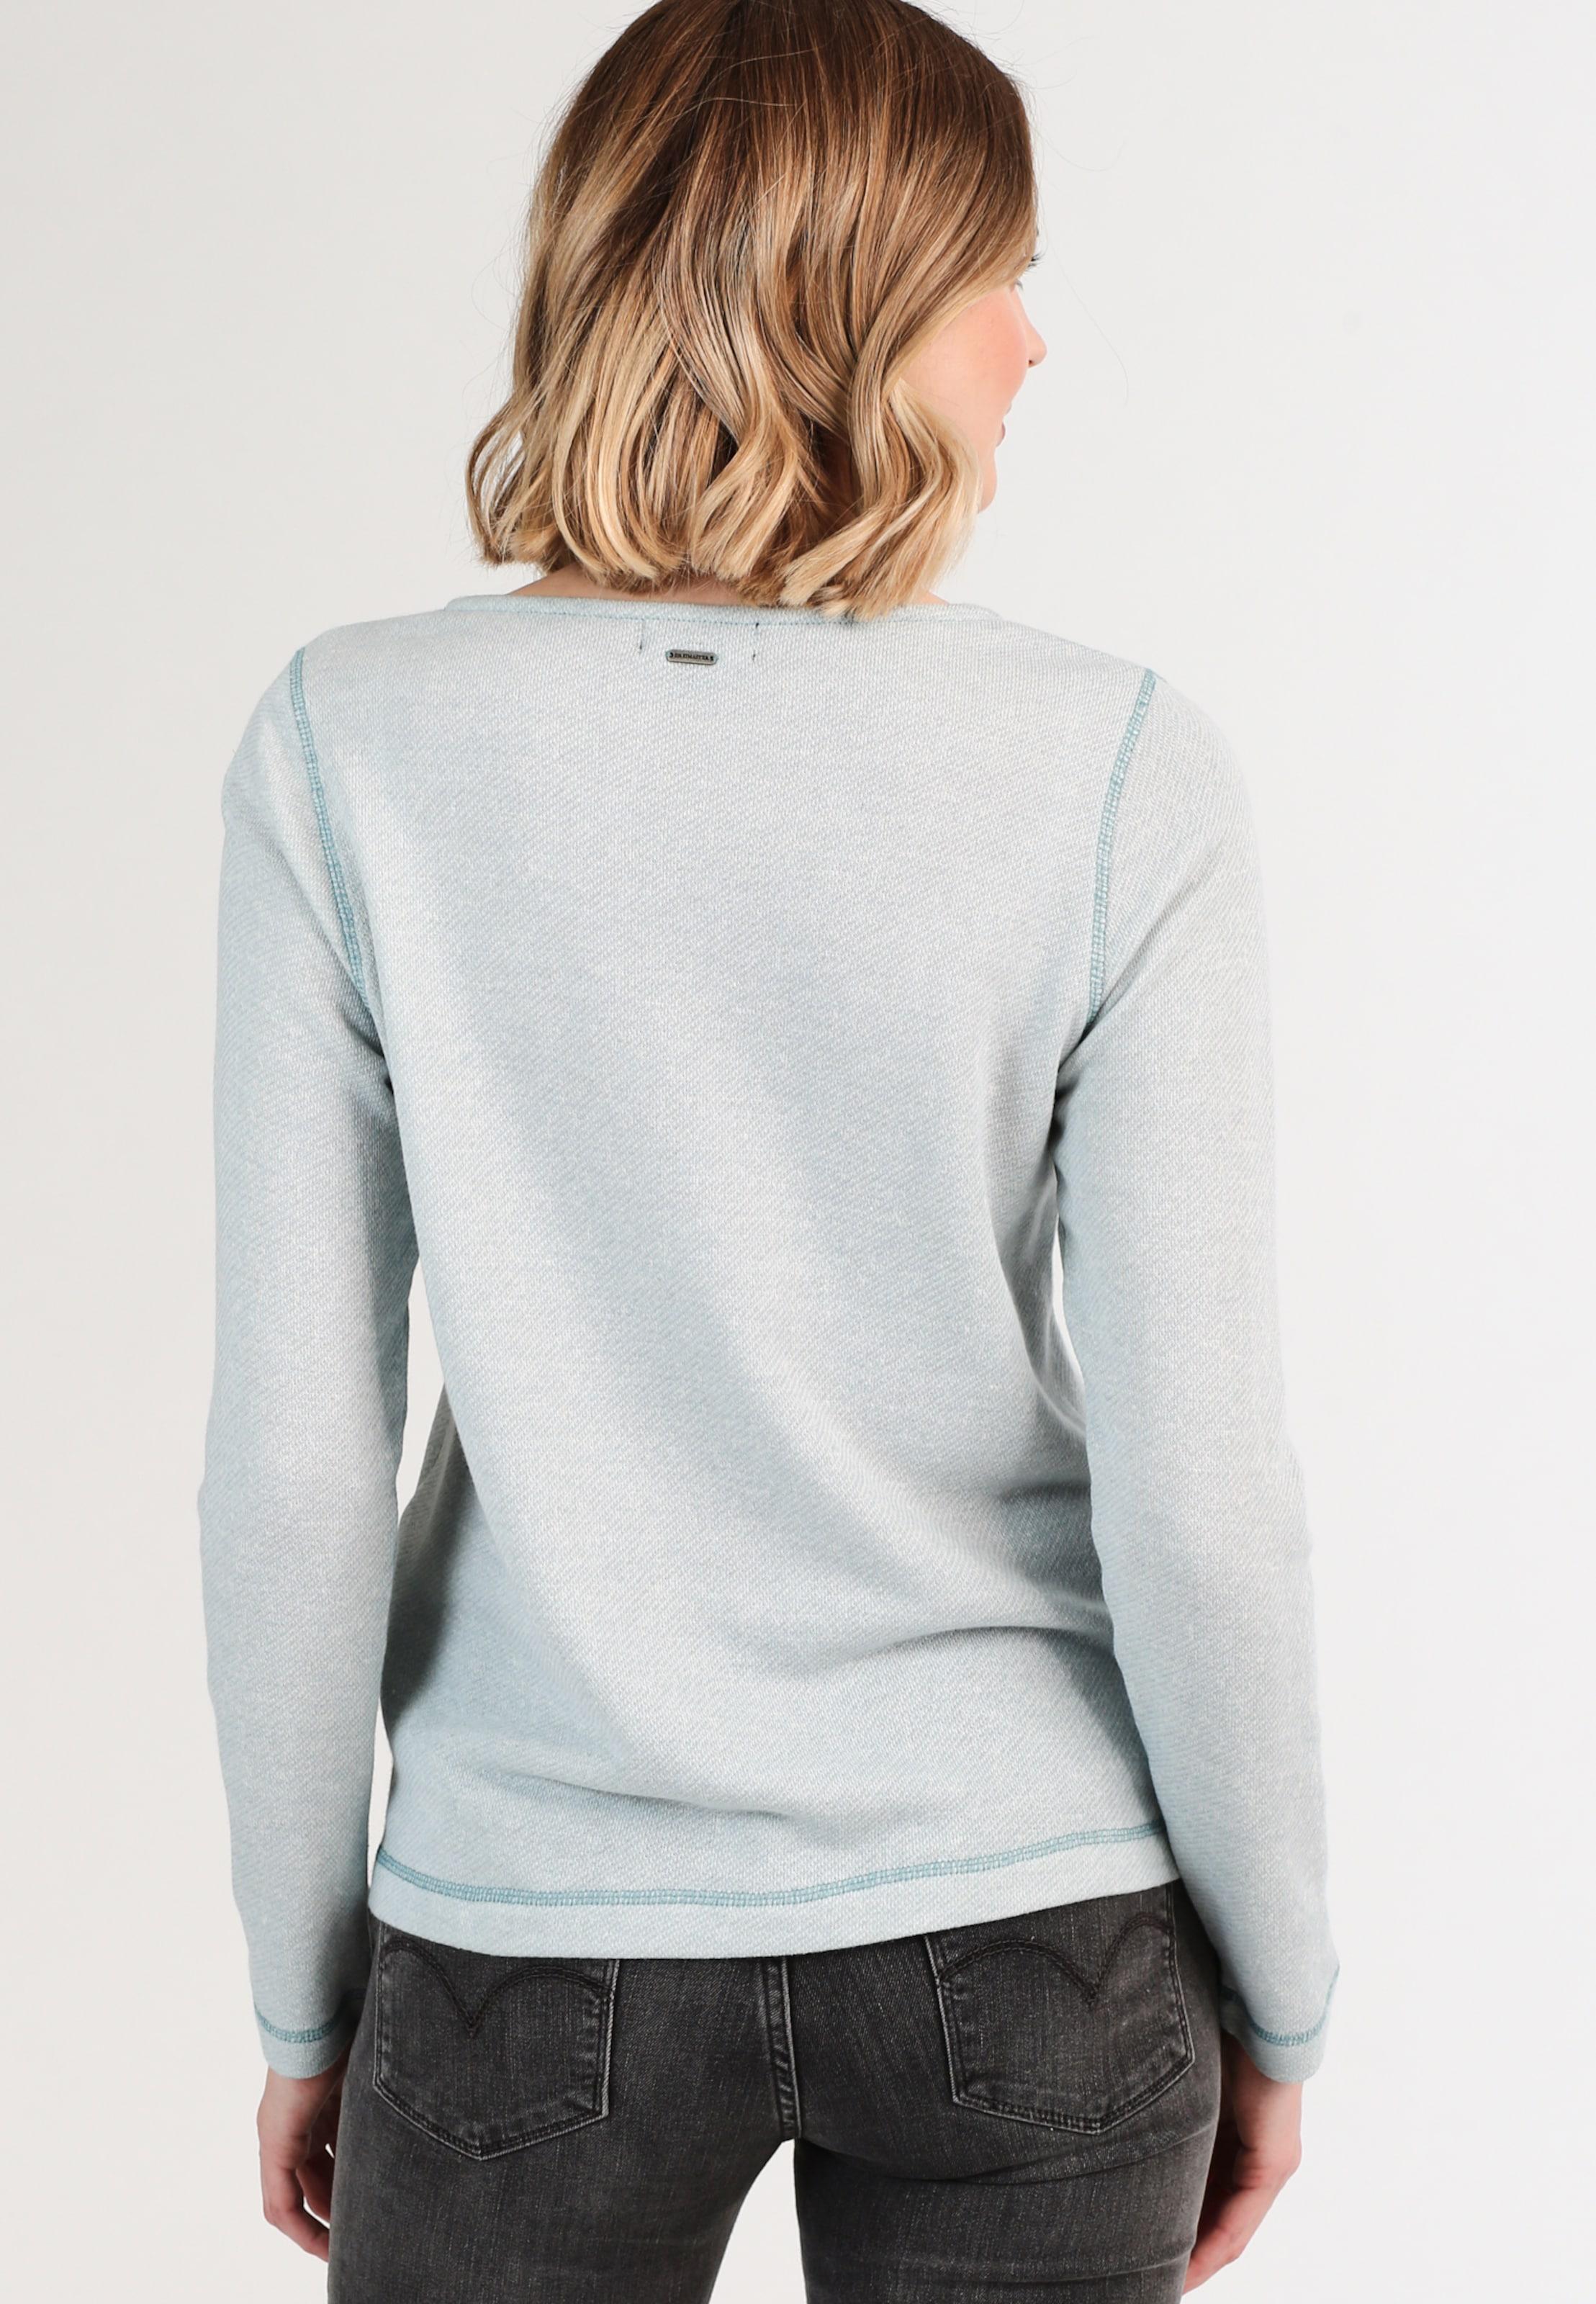 Sweater Rauchblau Sweater Dreimaster Dreimaster Dreimaster Rauchblau In Damen In Damen QxtCdBorsh